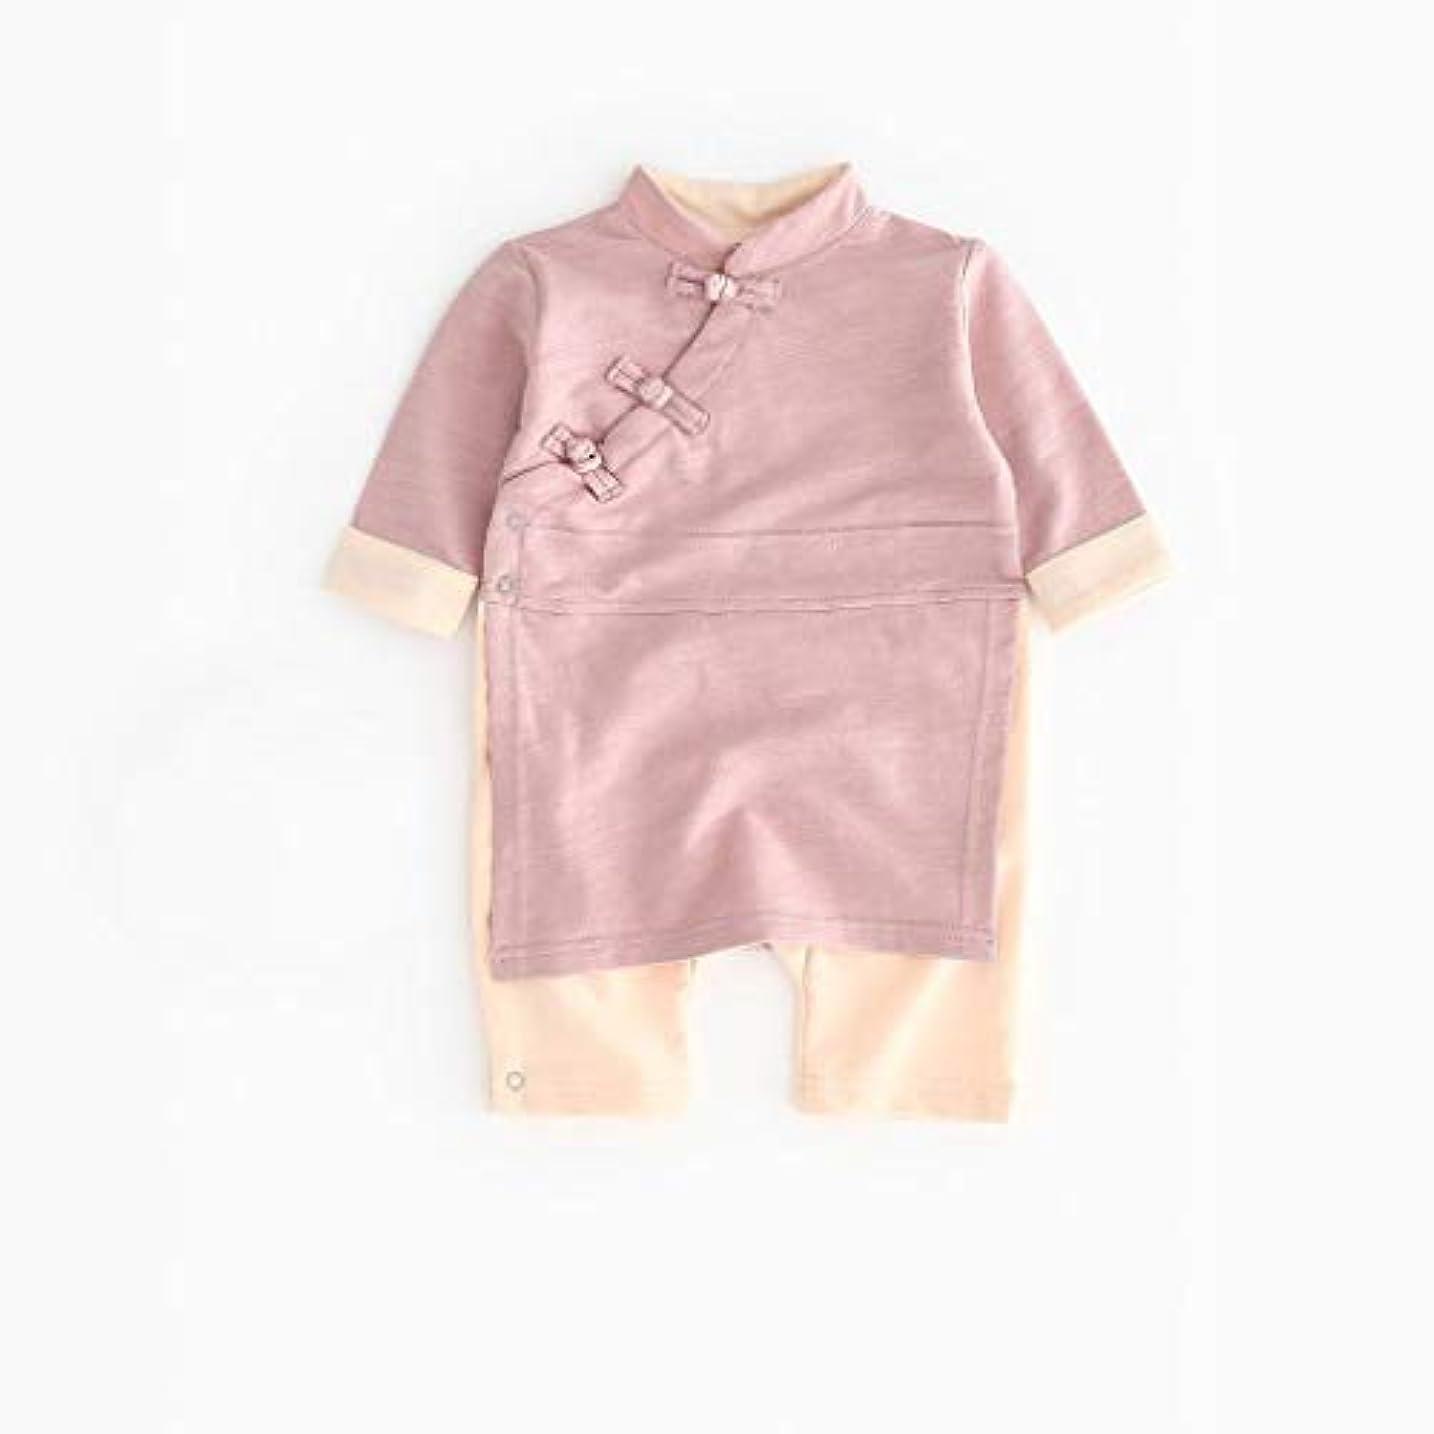 対応神経障害ゲートかわいいボタン漢風生まれたばかりの赤ちゃん男の子女の子ボタン固体ロンパースジャンプスーツ着物服パジャマ女の子男の子レターストライプ長袖コットンロンパースジャンプスーツ